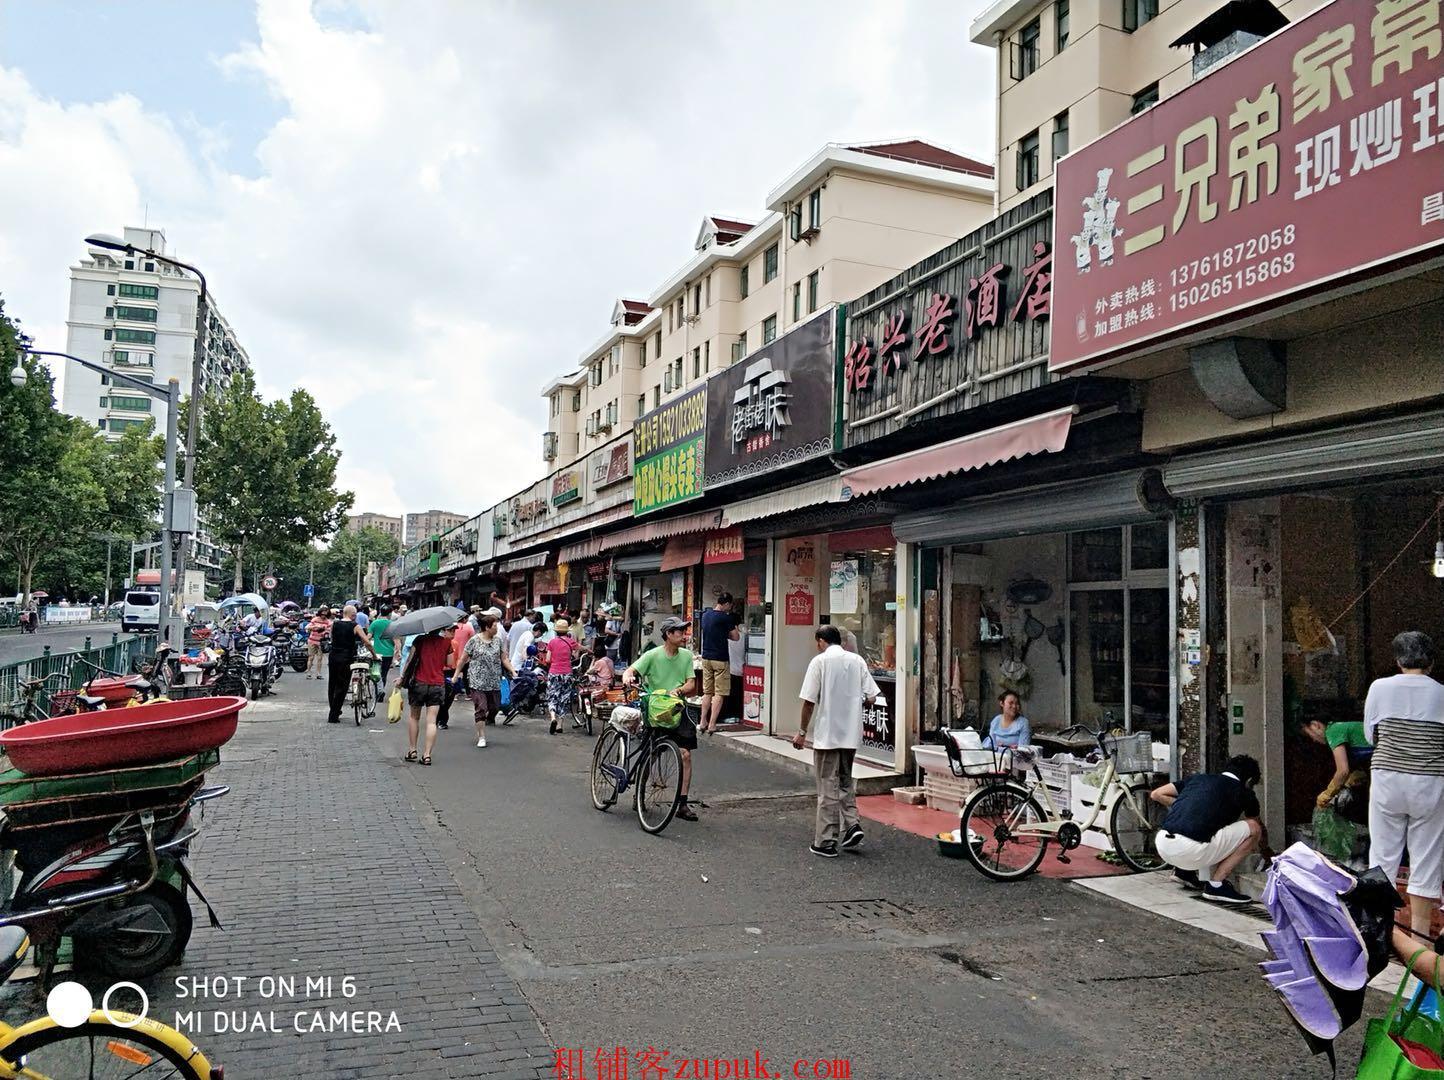 林和西火车站商圈,正沿街旺铺转让,可明火快餐烧腊汤粉夜宵等